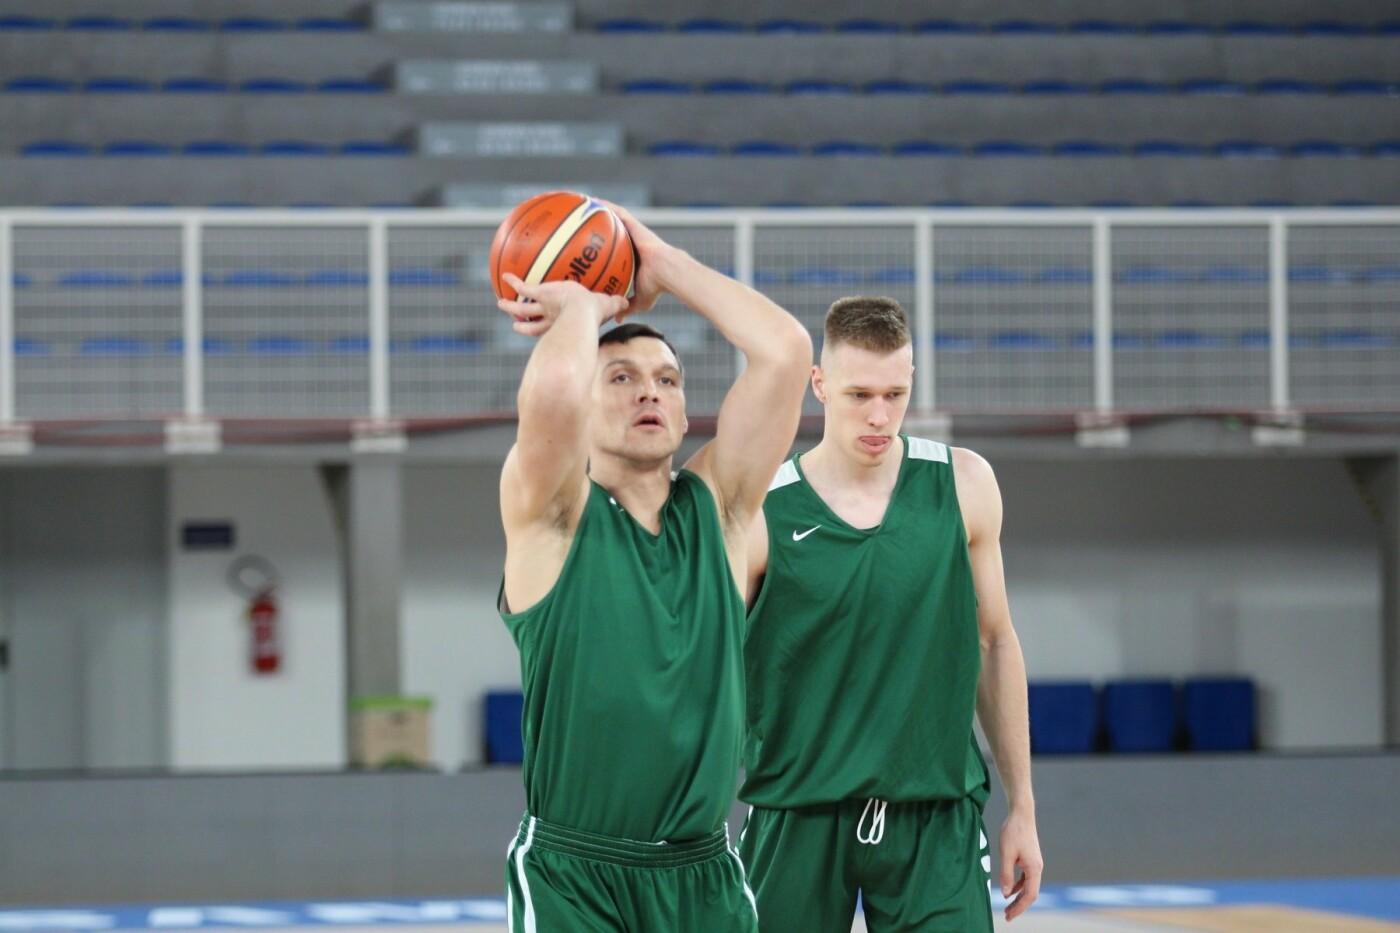 Lietuvos vyrų krepšinio rinktinė surengė vienintelę treniruotę Italijoje, nuotrauka-20